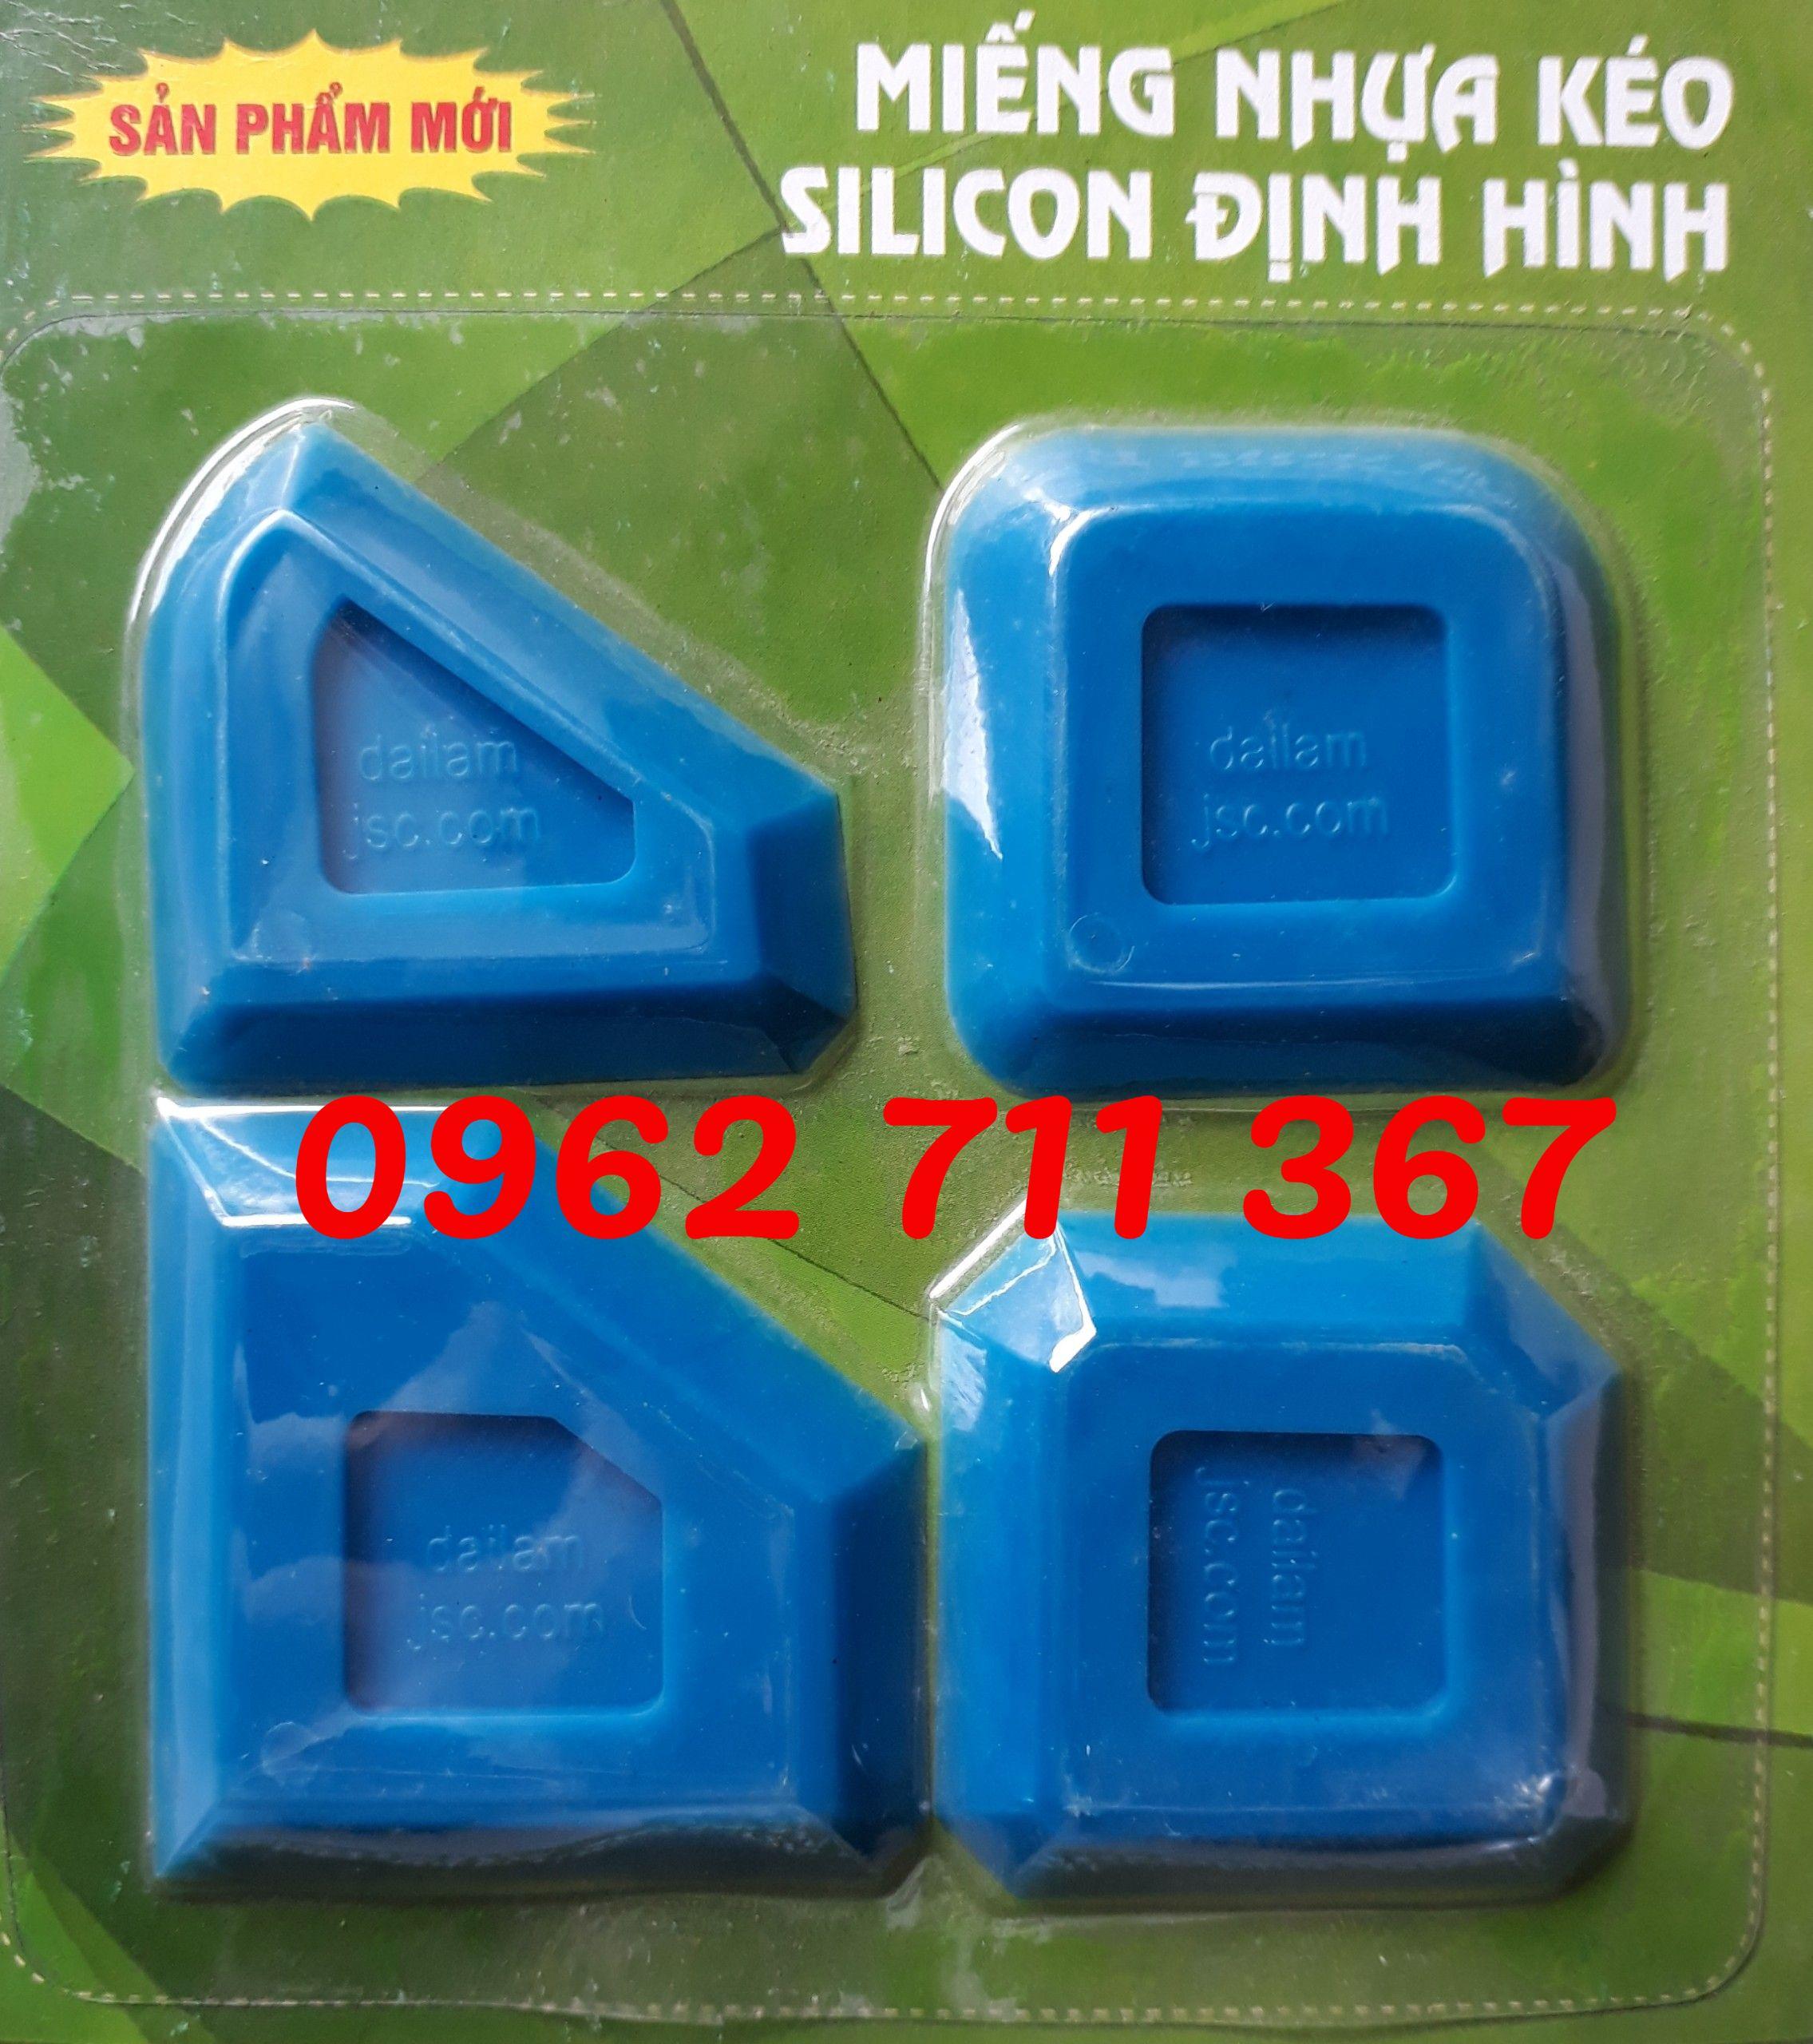 Miếng nhựa Silicon định hình tại HCM